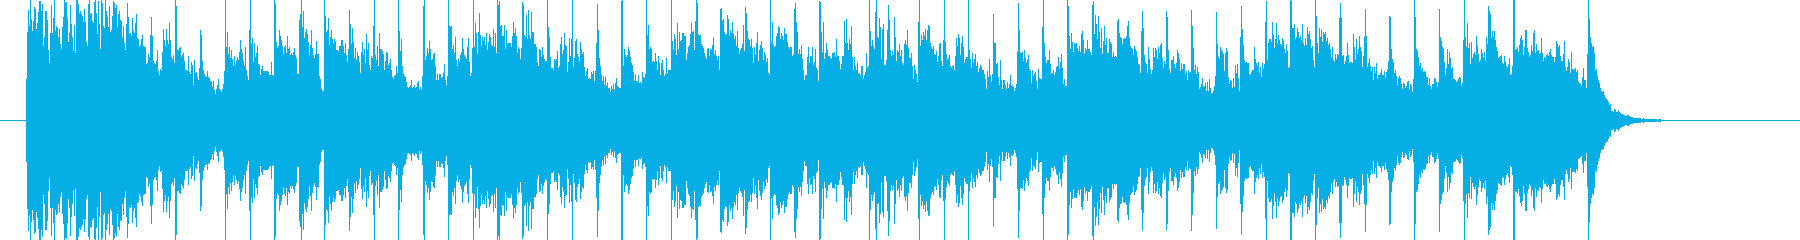 シンプルなメロディが活きるシンセソングの再生済みの波形